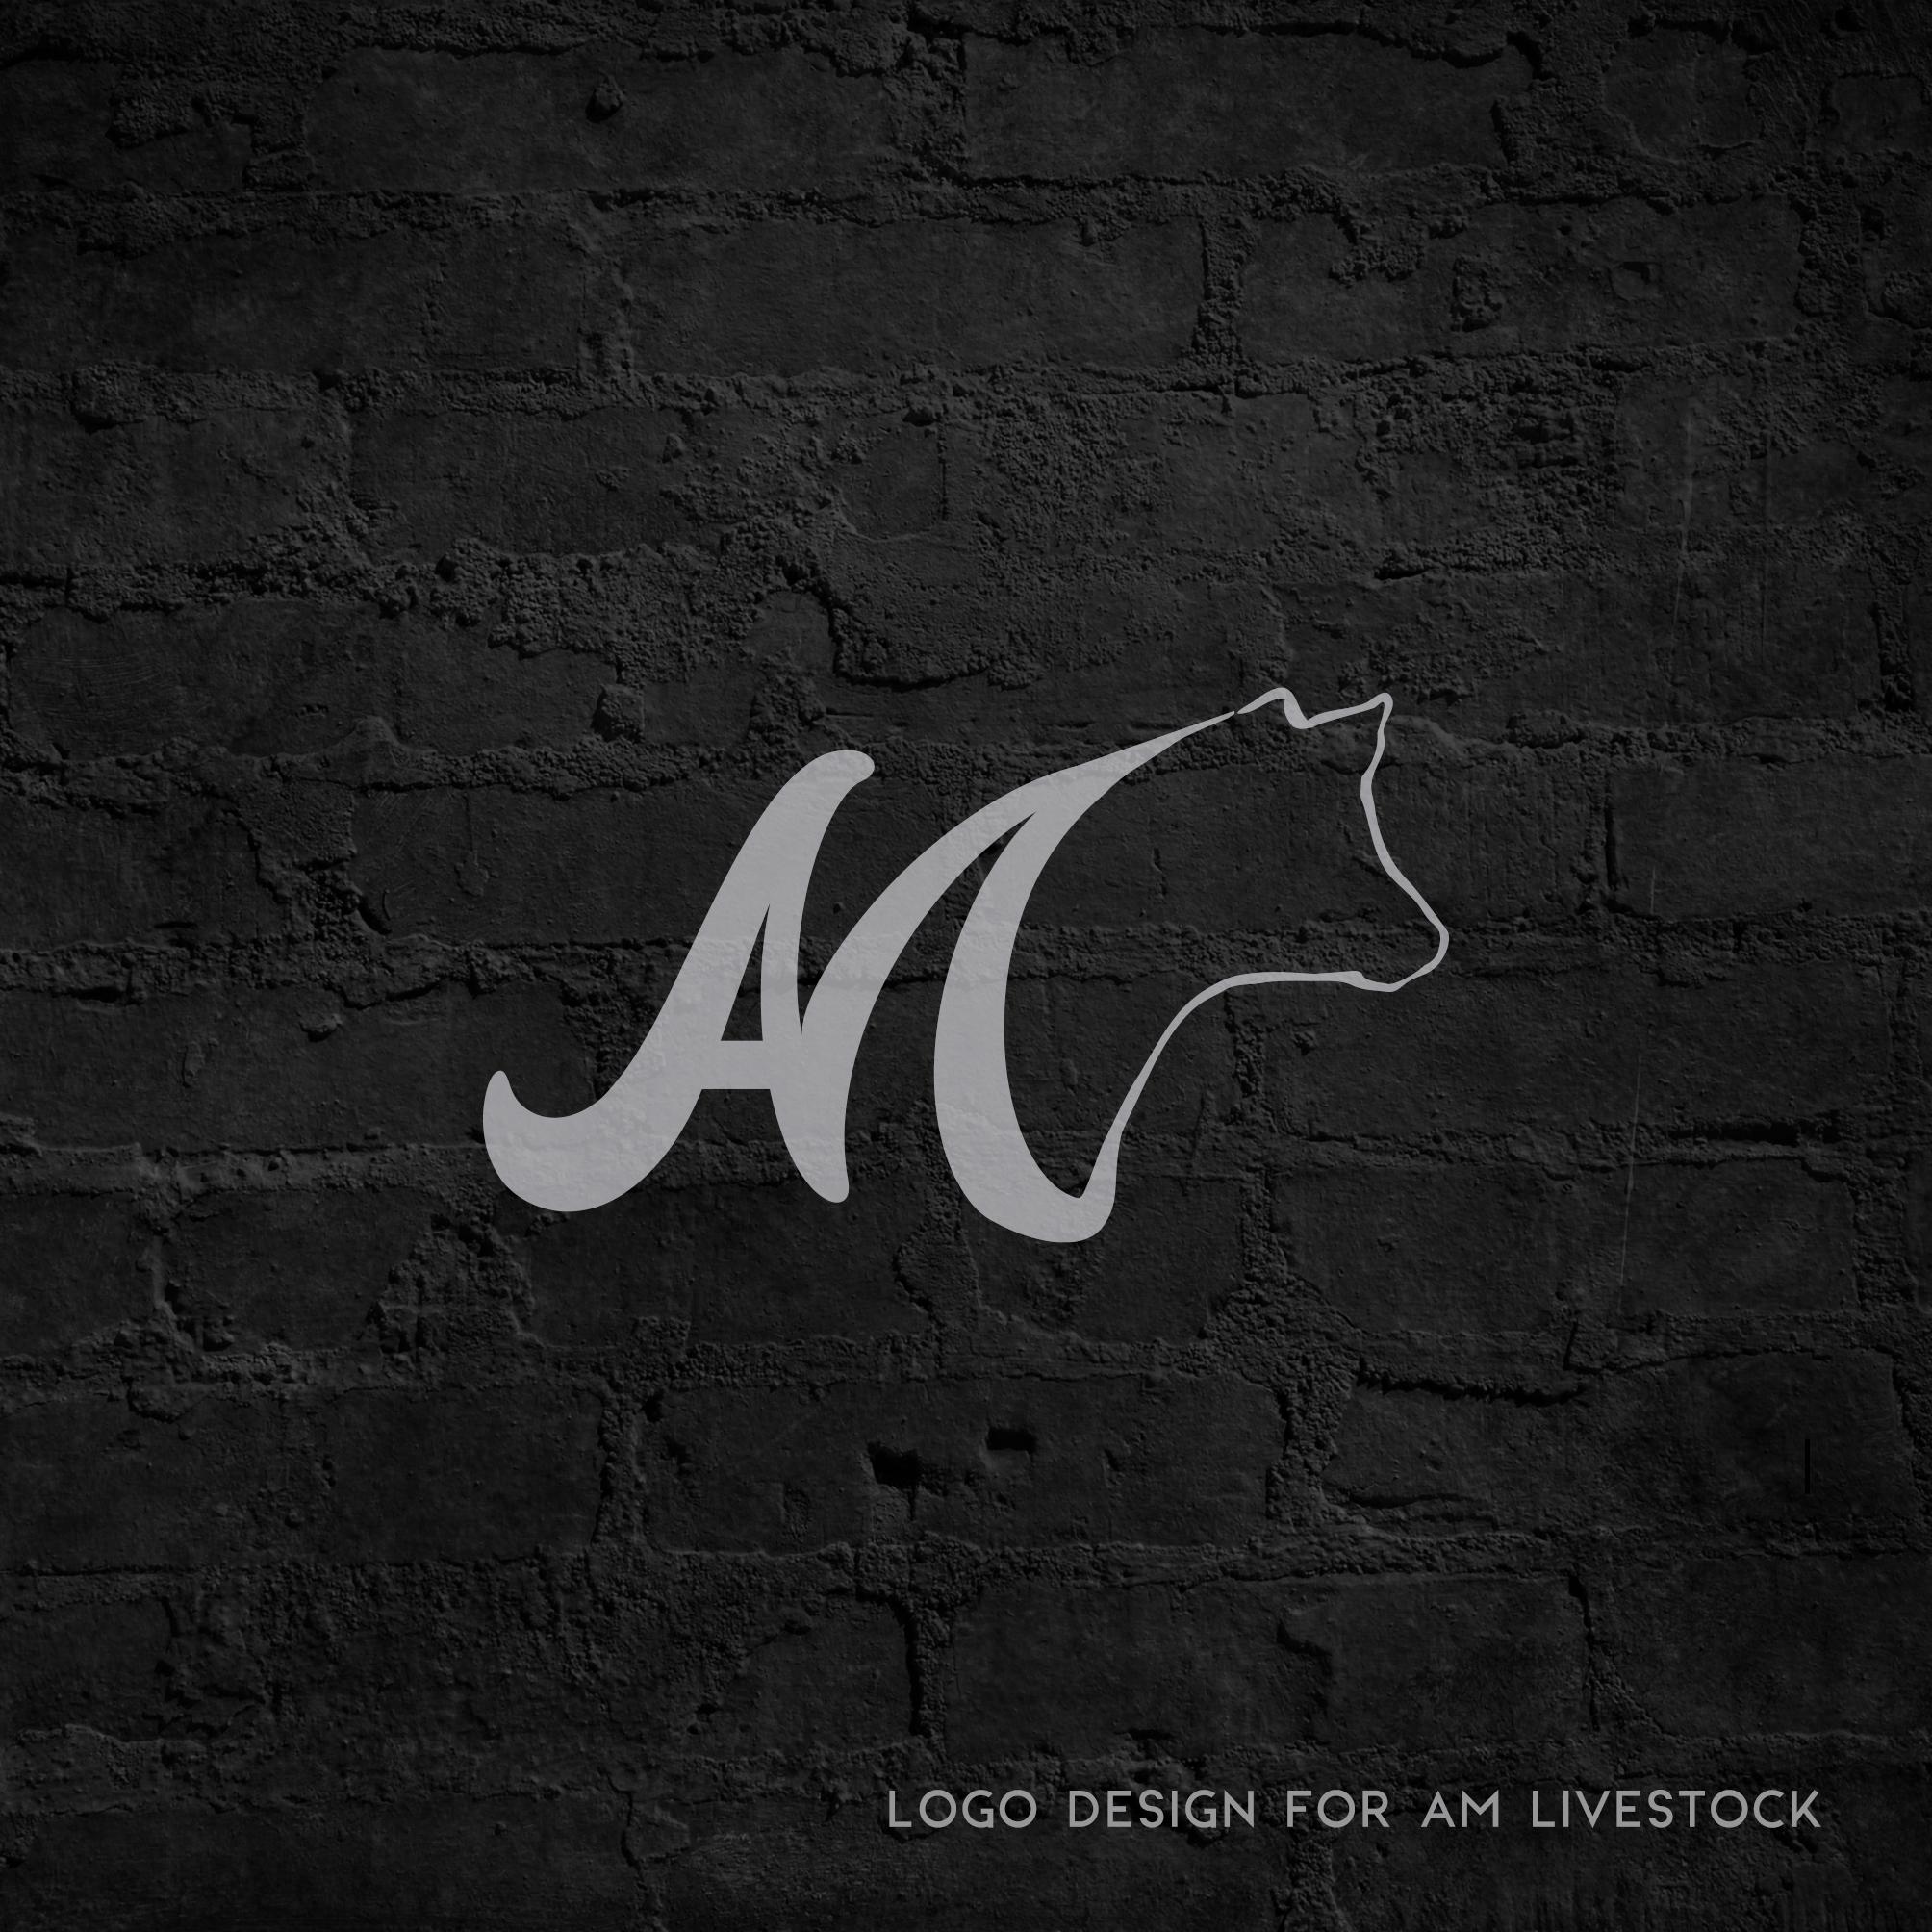 AM Livestock Logo Design by Leigh Meisenheimer